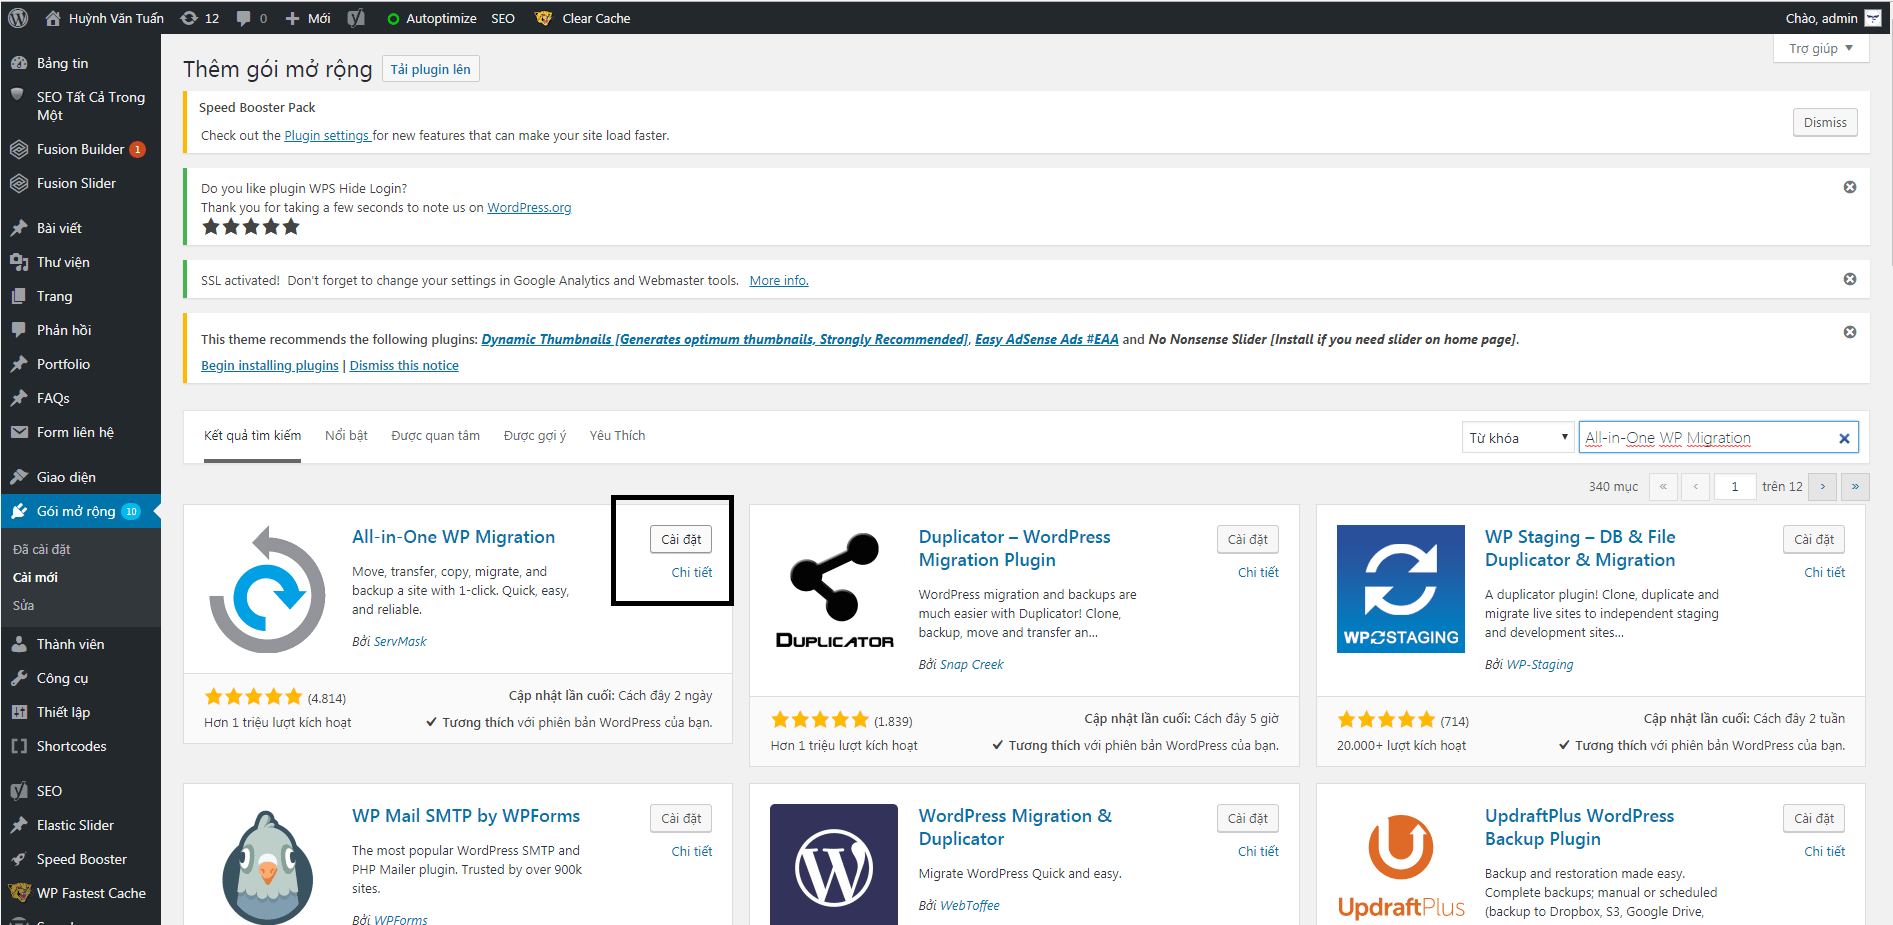 backup chuyen web yaviet